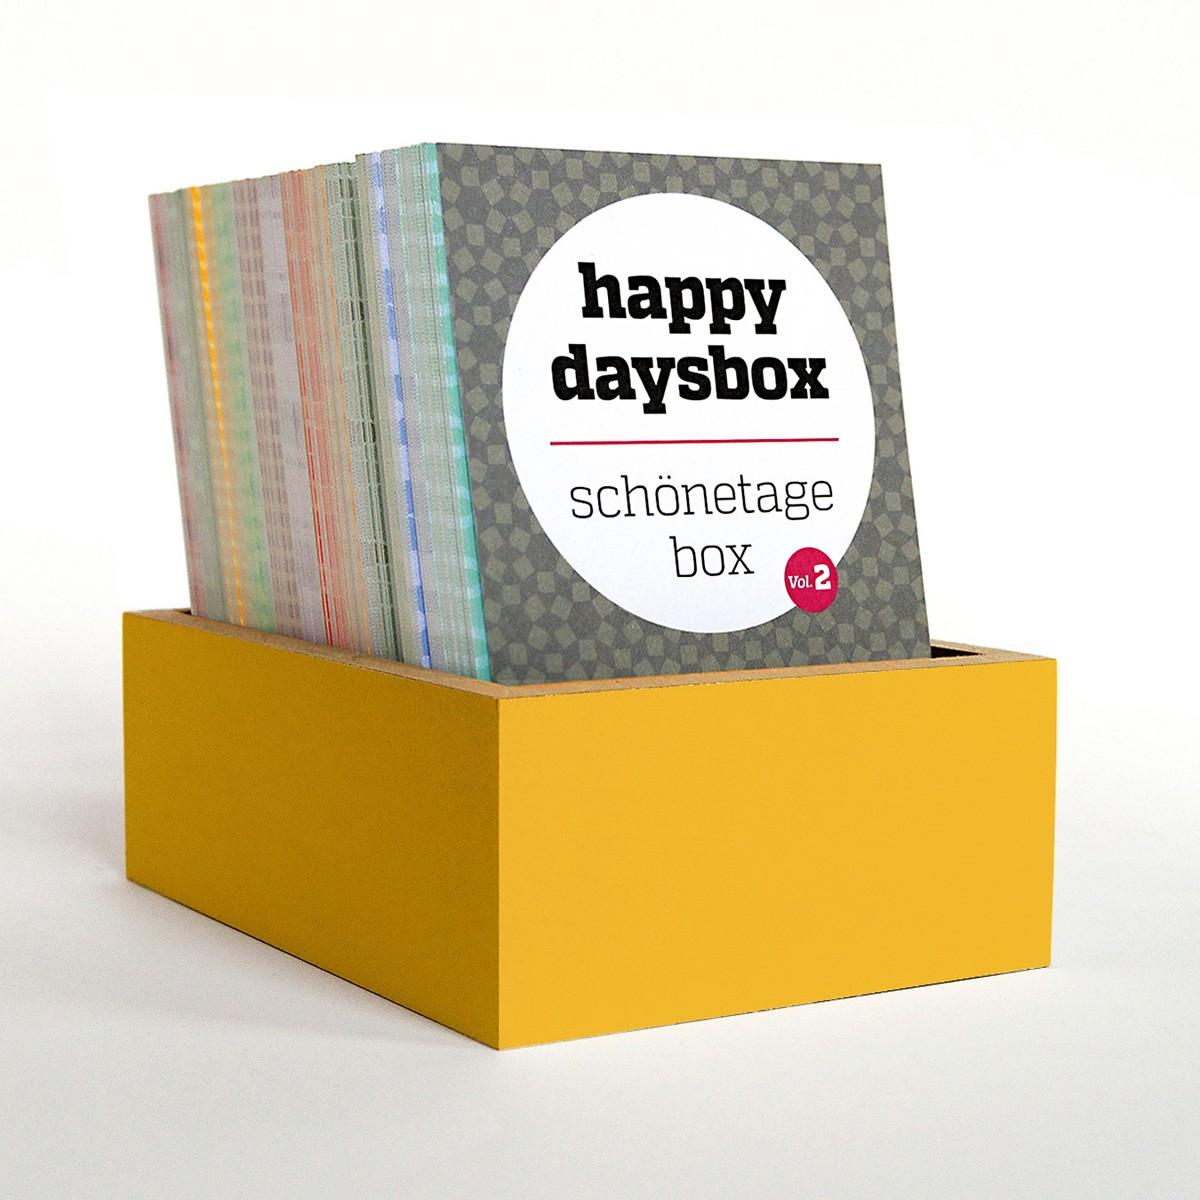 sperlingB – happydaysbox, safrangelb, sprachneutraler Erinnerungskalender, schönetagebox Vol. 2